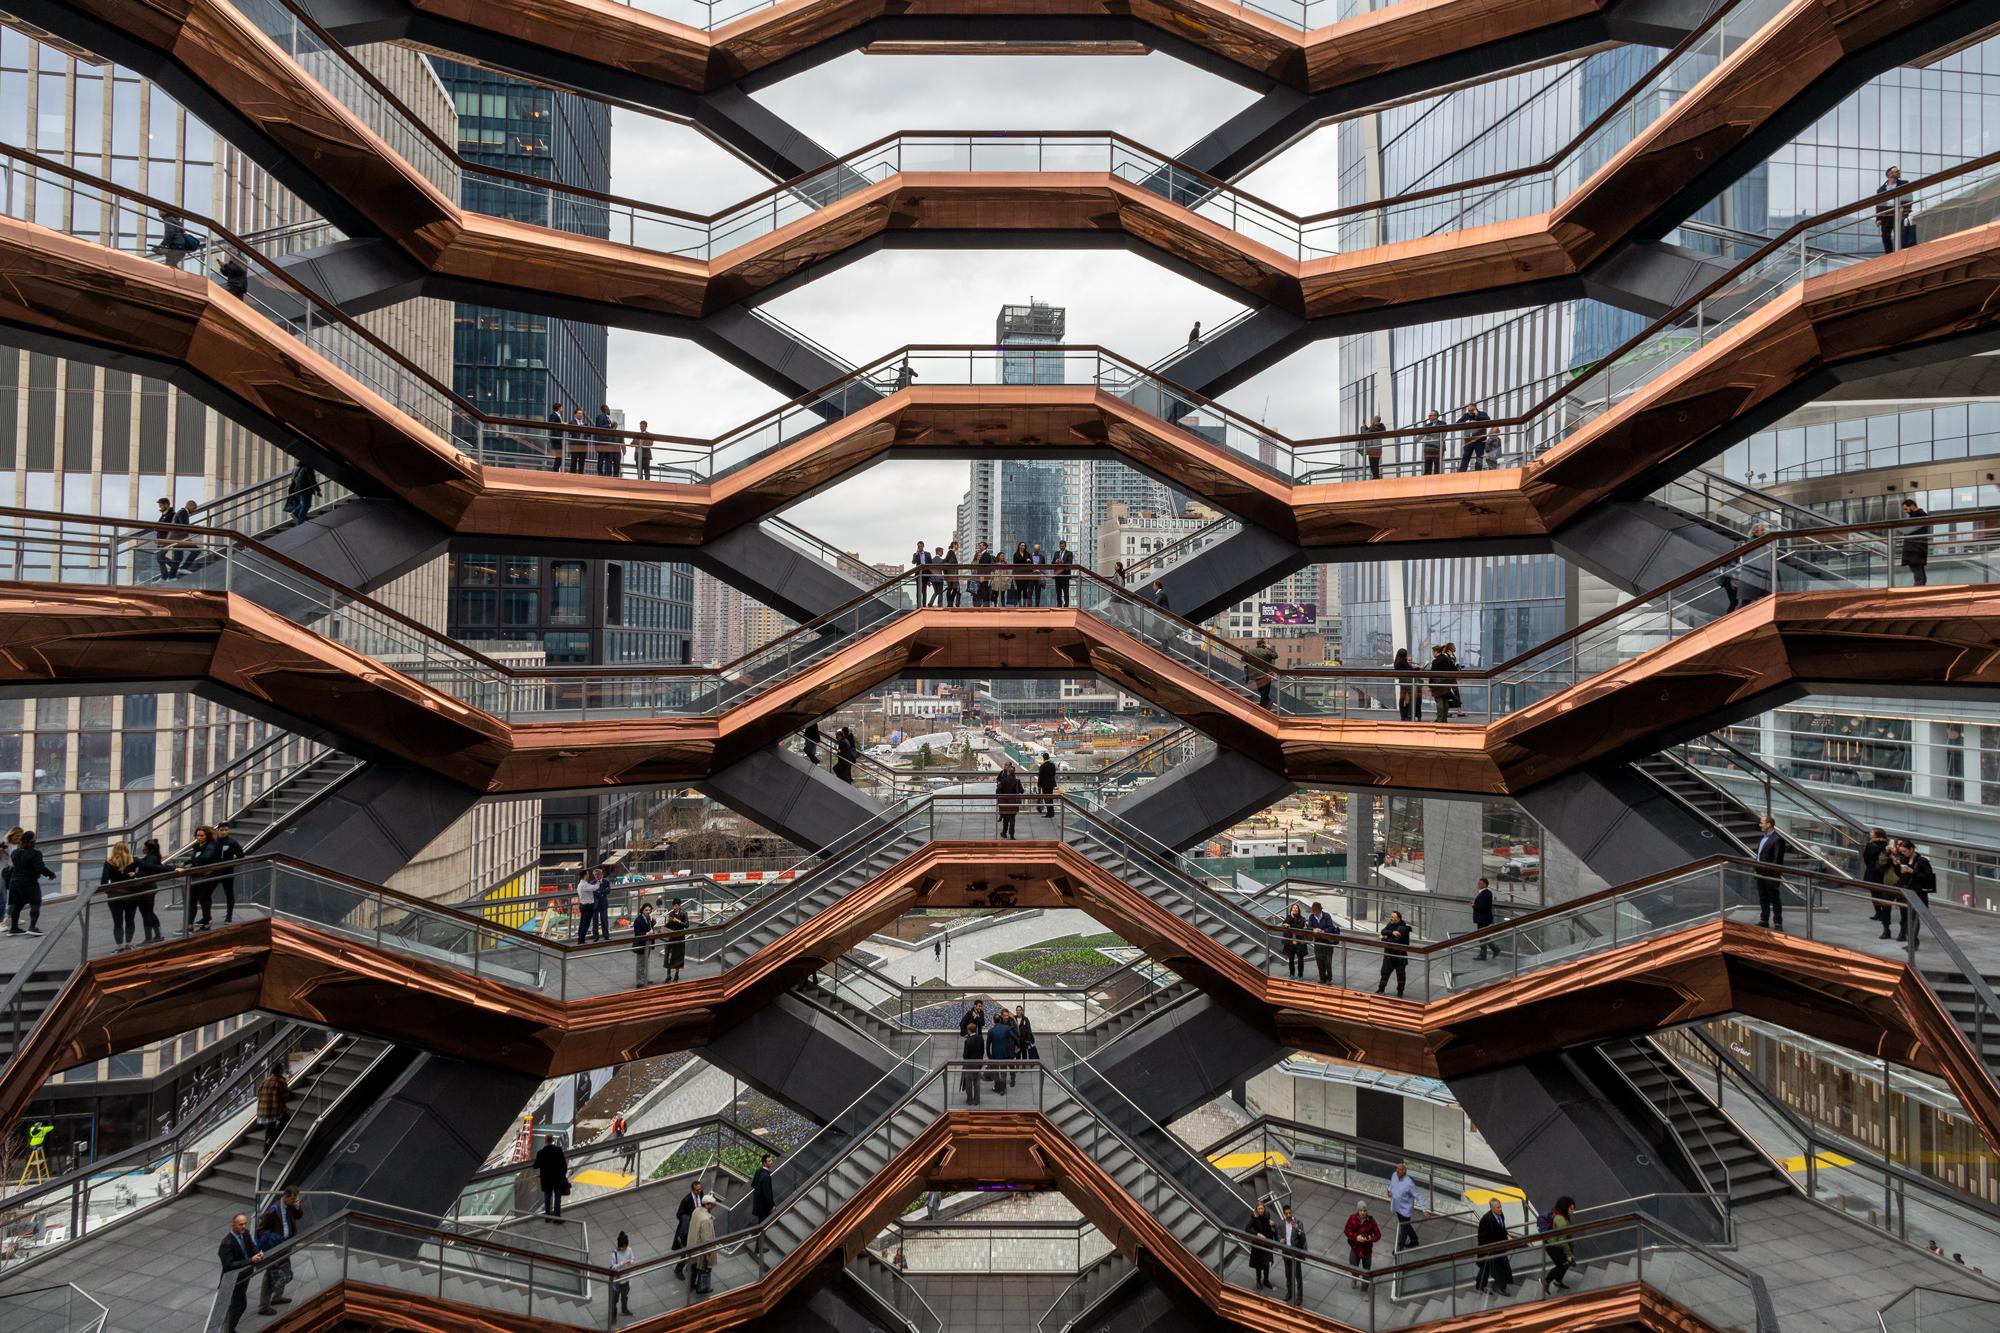 152 plataformas de escaleras / 6sqft